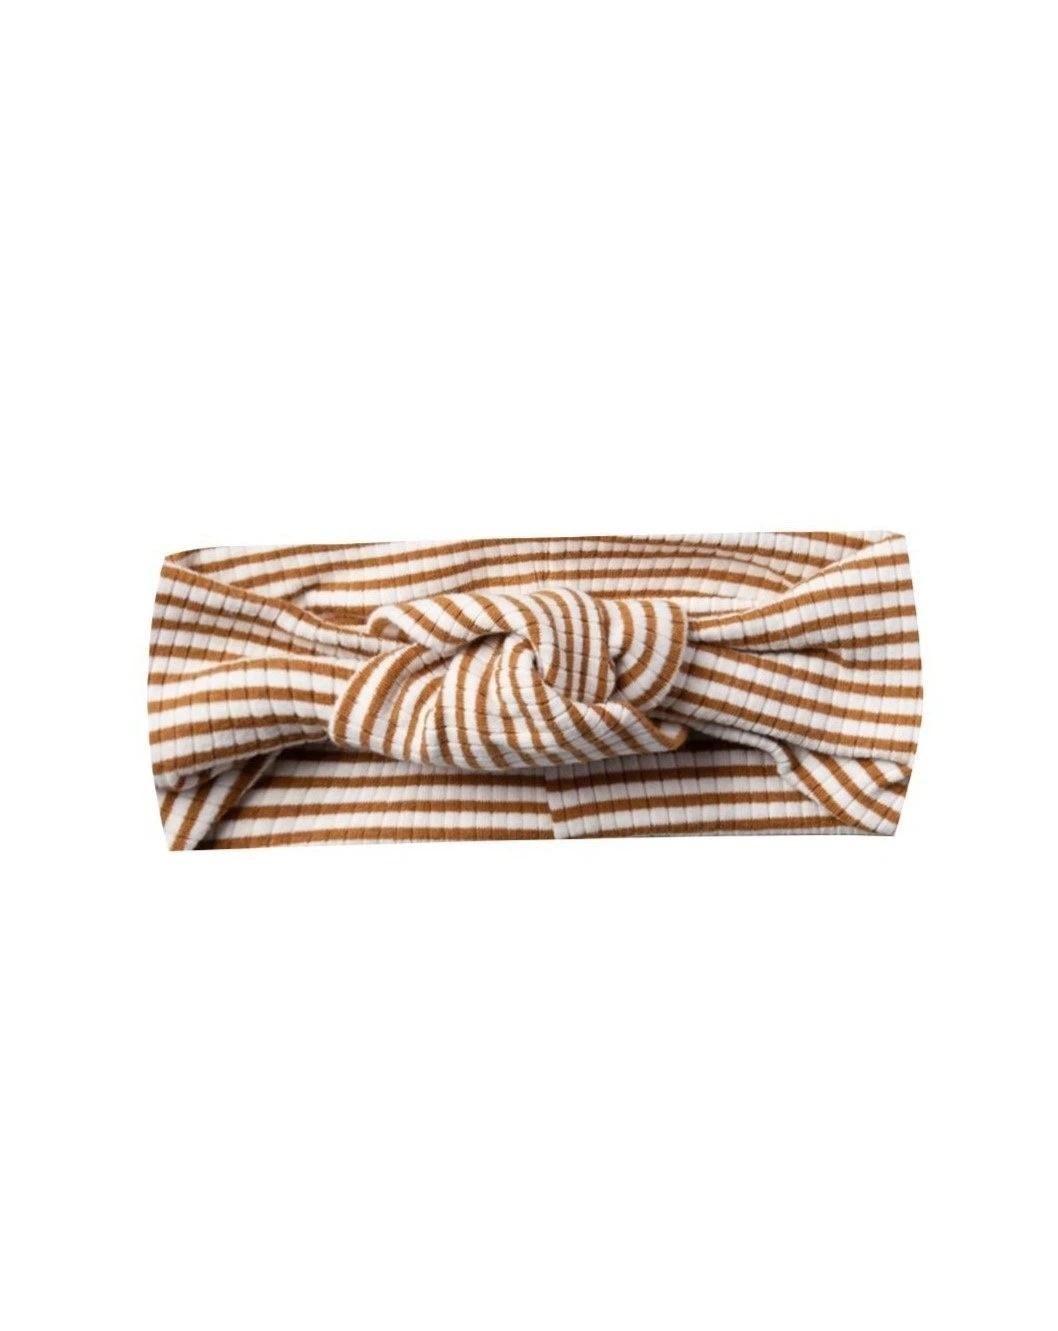 Quincy Mae - QM QM BA - Ribbed Turban in Walnut Stripe